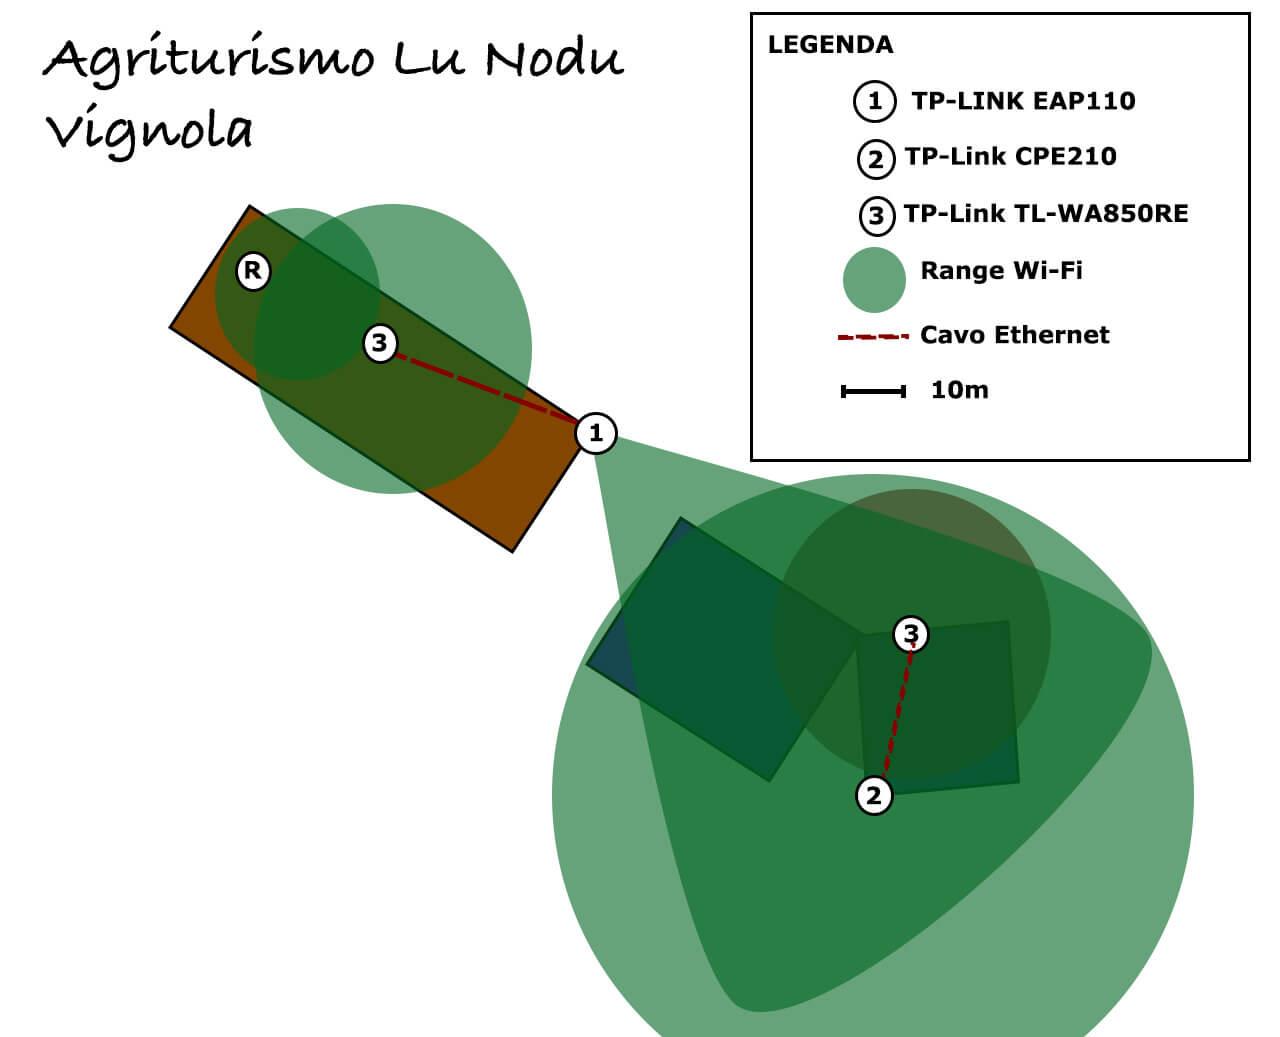 Agriturismo Lu Nodu - Progetto della rete WiFi